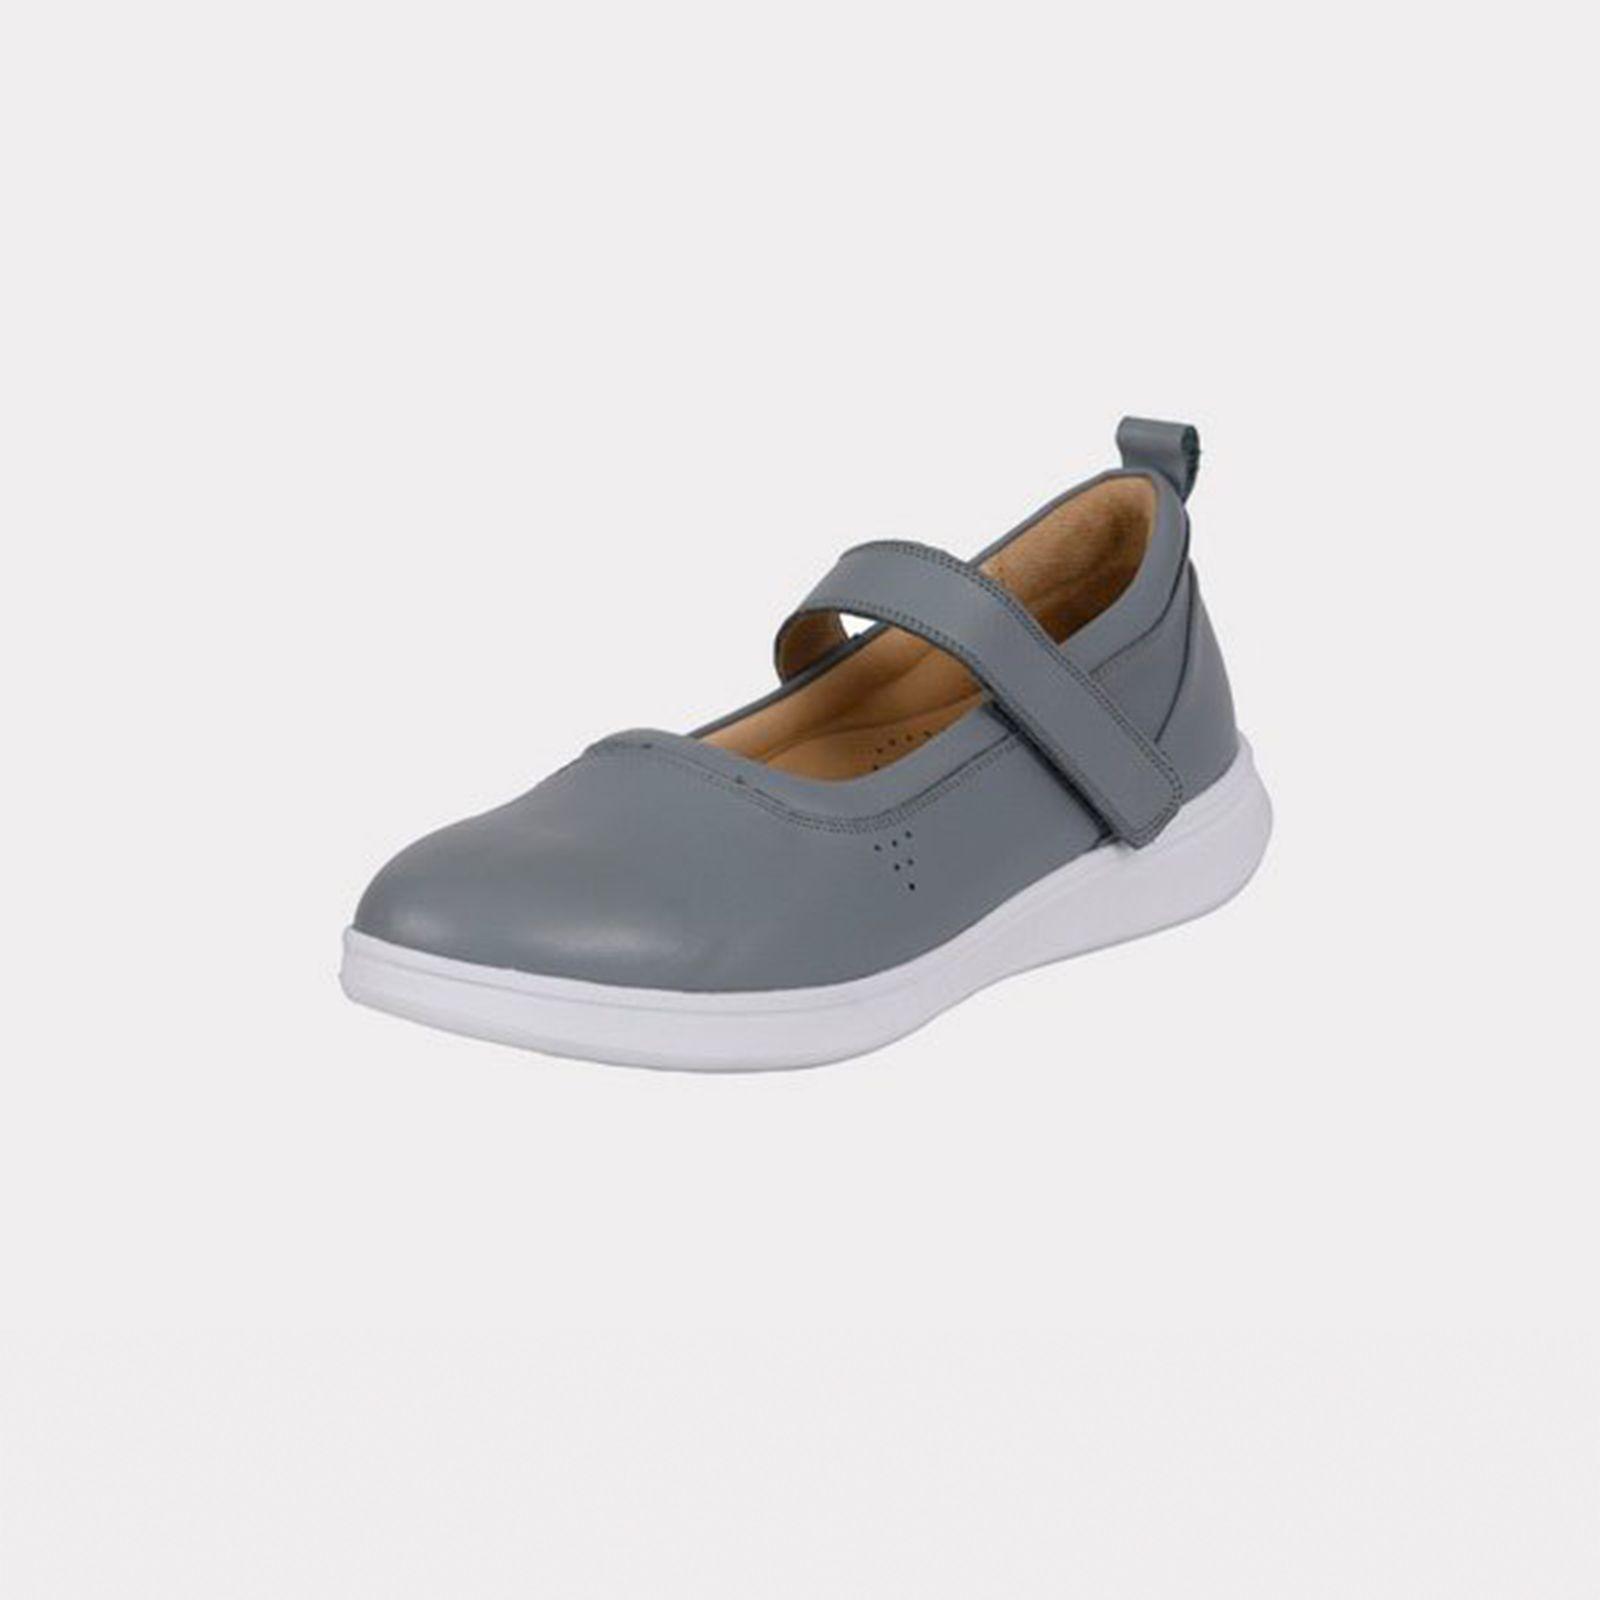 تصویر کفش روزمره زنانه برتونیکس مدل 920-B-20